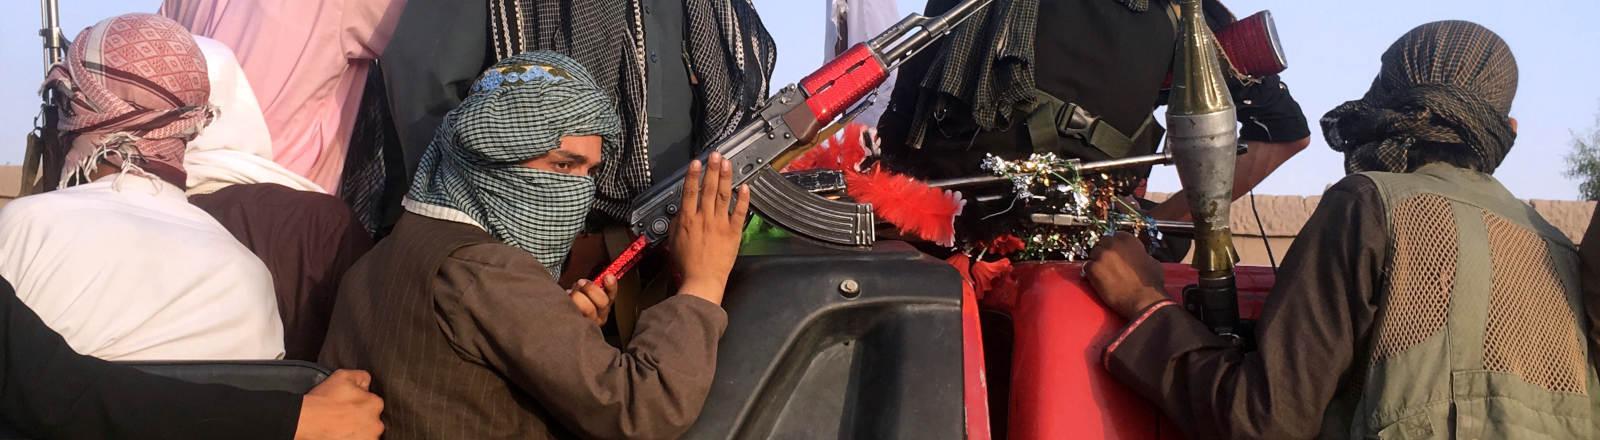 Taliban-Kämpfer auf der Ladefläche eines Pickup-Trucks